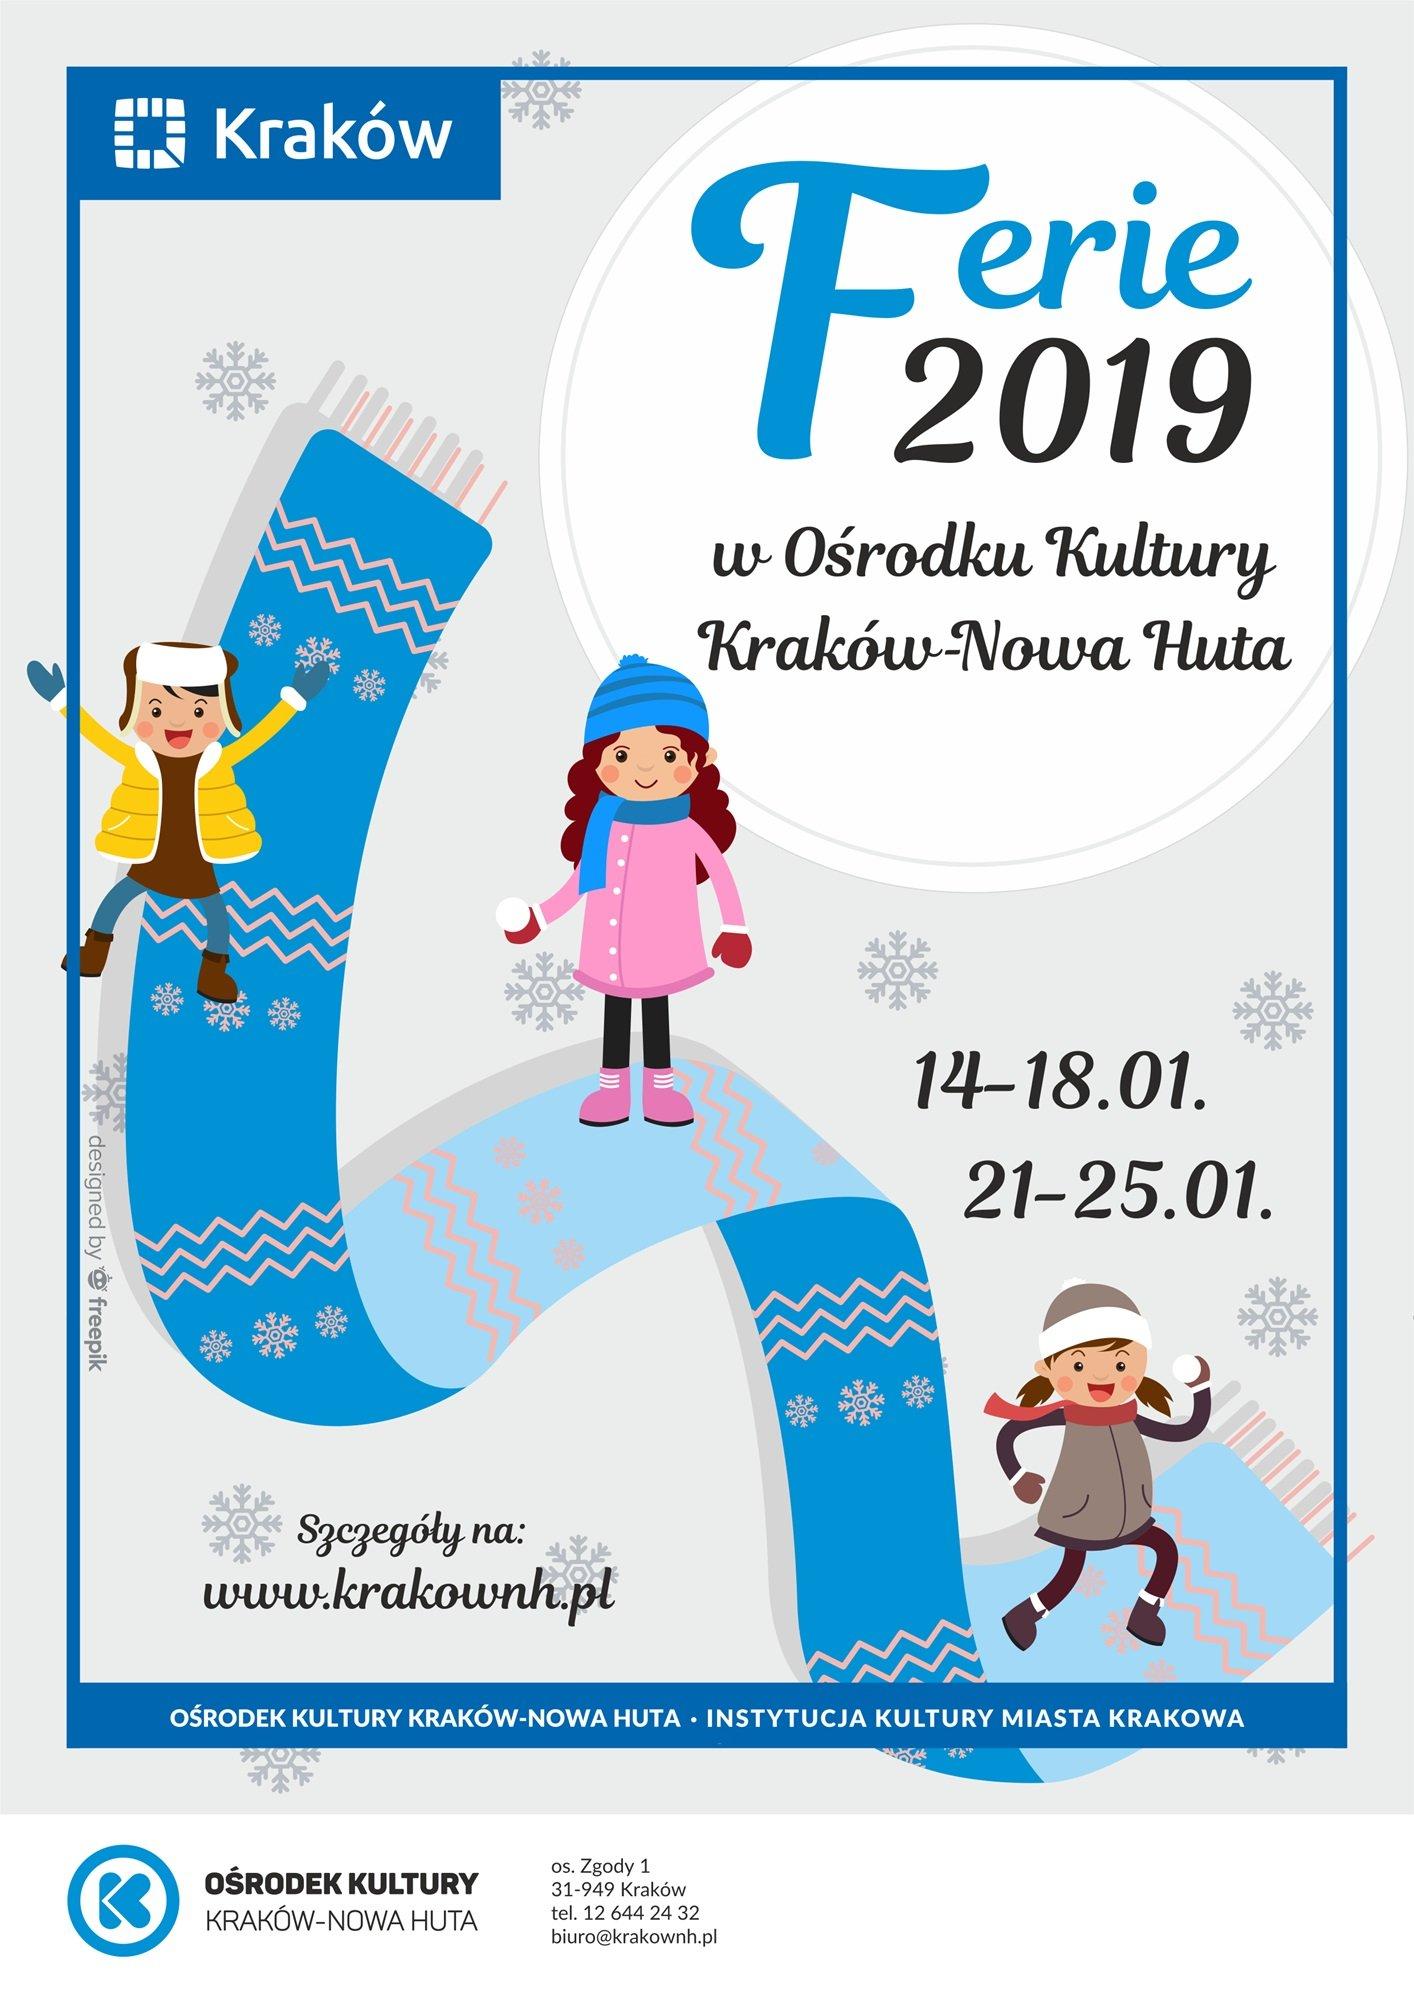 Ferie 2019 z Ośrodkiem Kultury Kraków - Nowa Huta